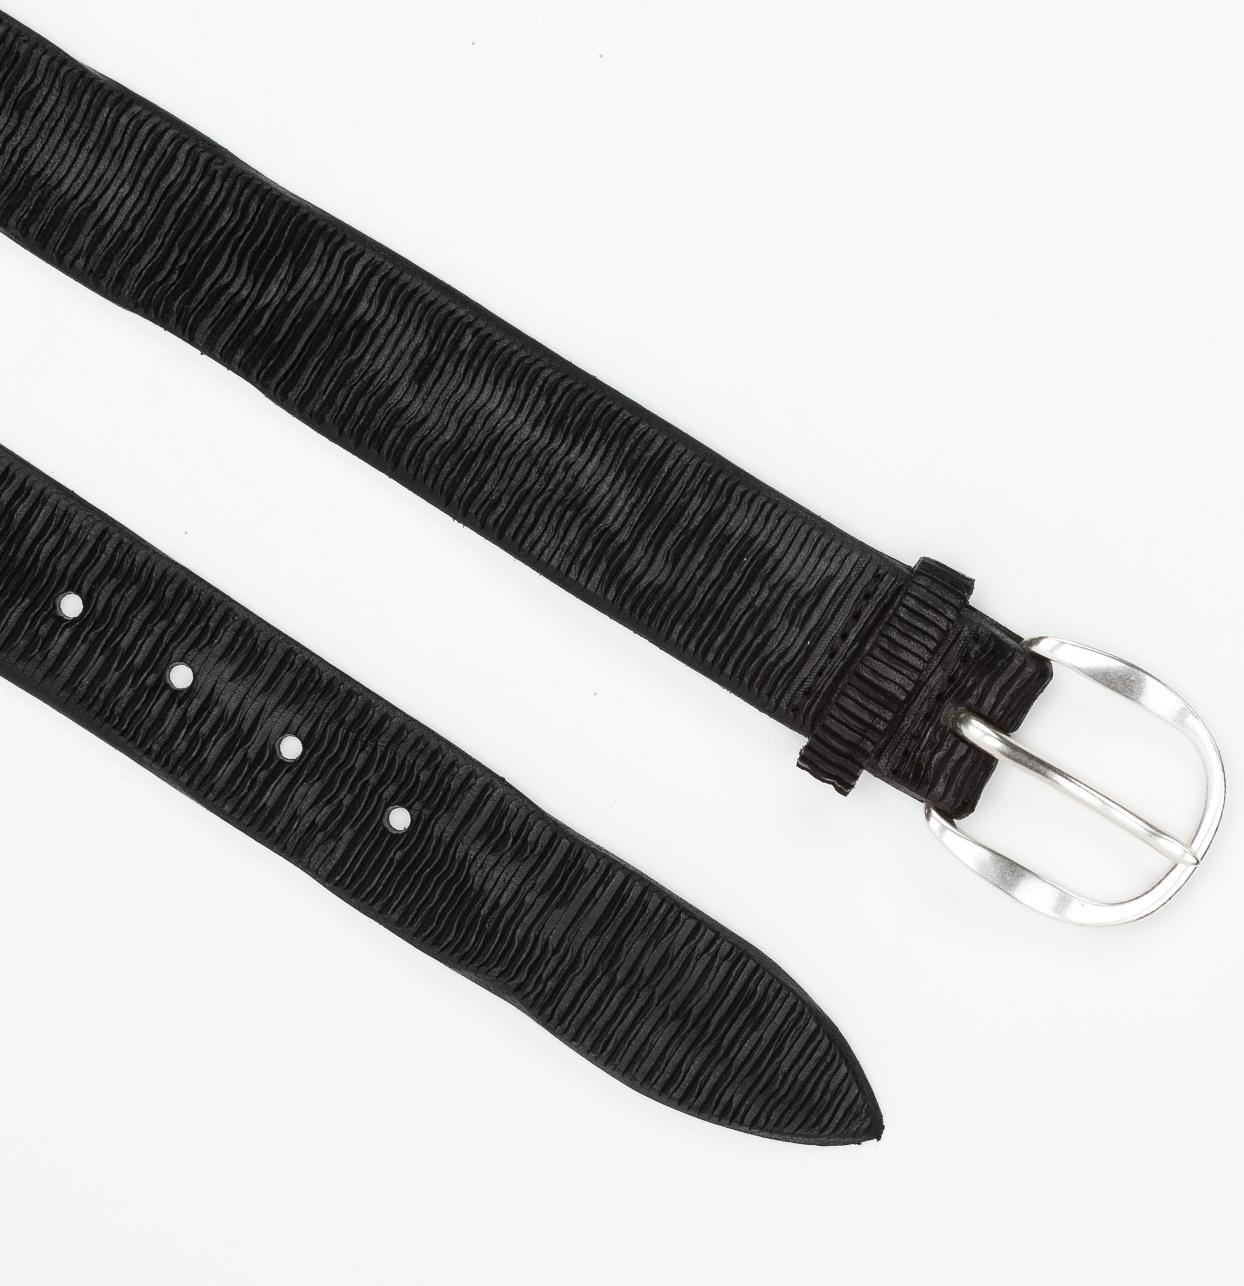 Cinturón Sport piel grabada color negro, 100% Piel. - Ítem1